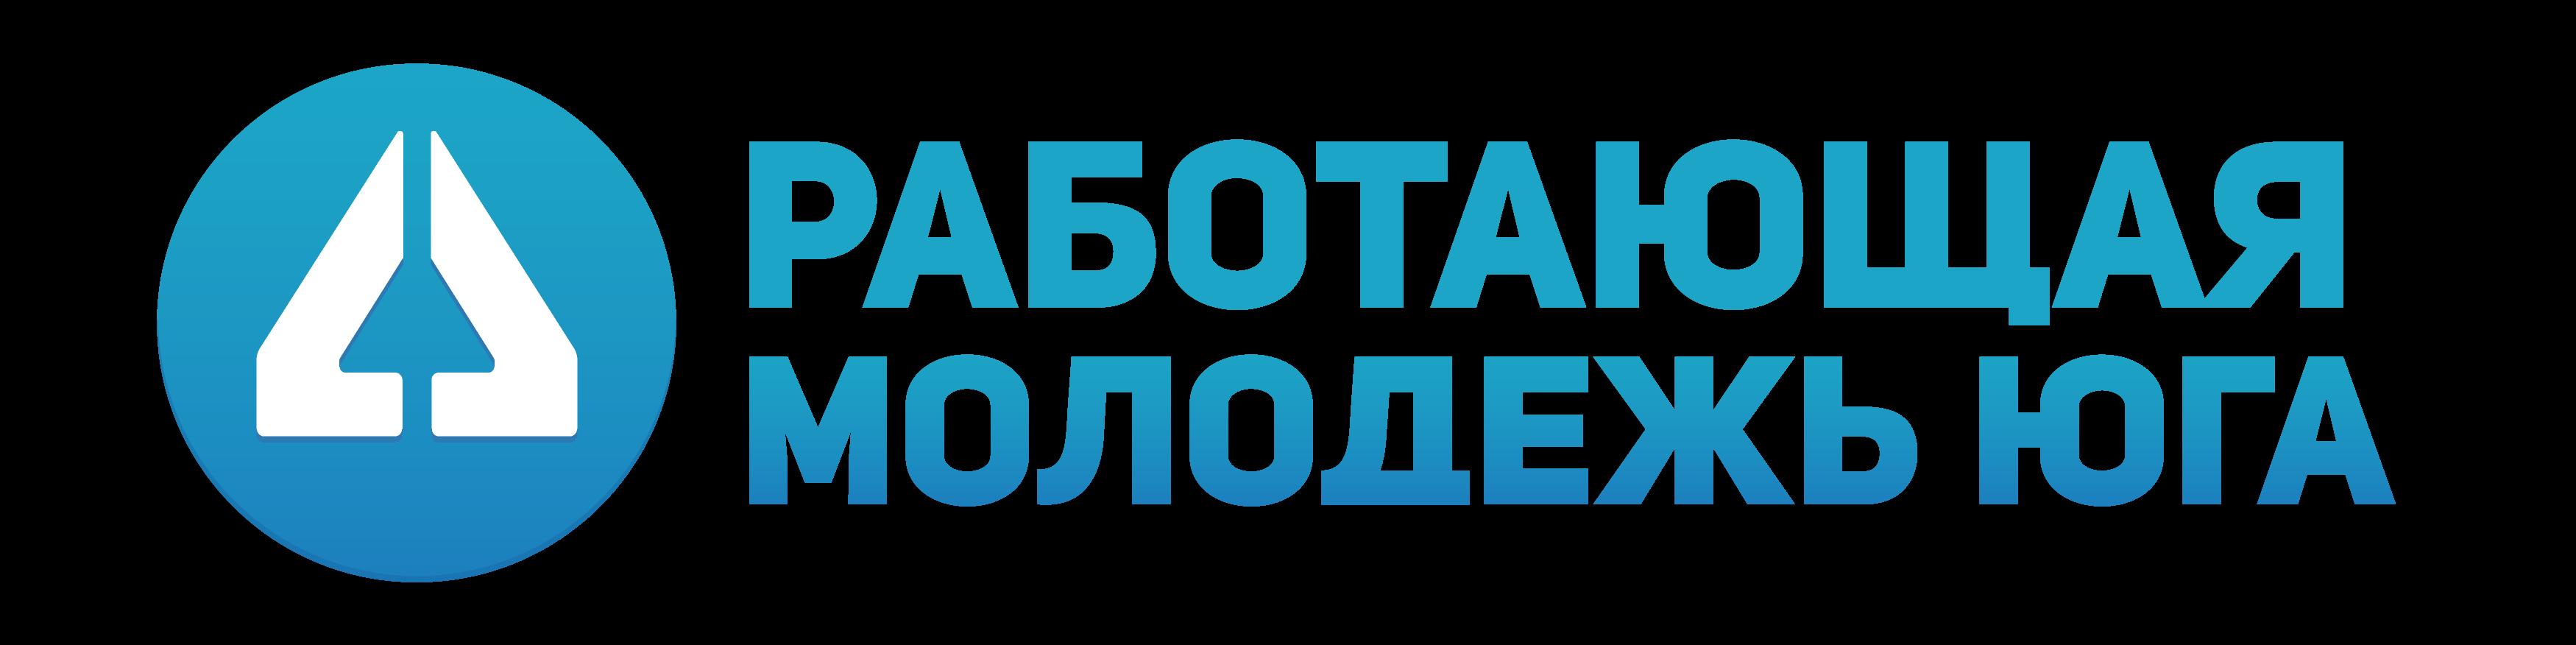 Работающая молодёжь Юга России